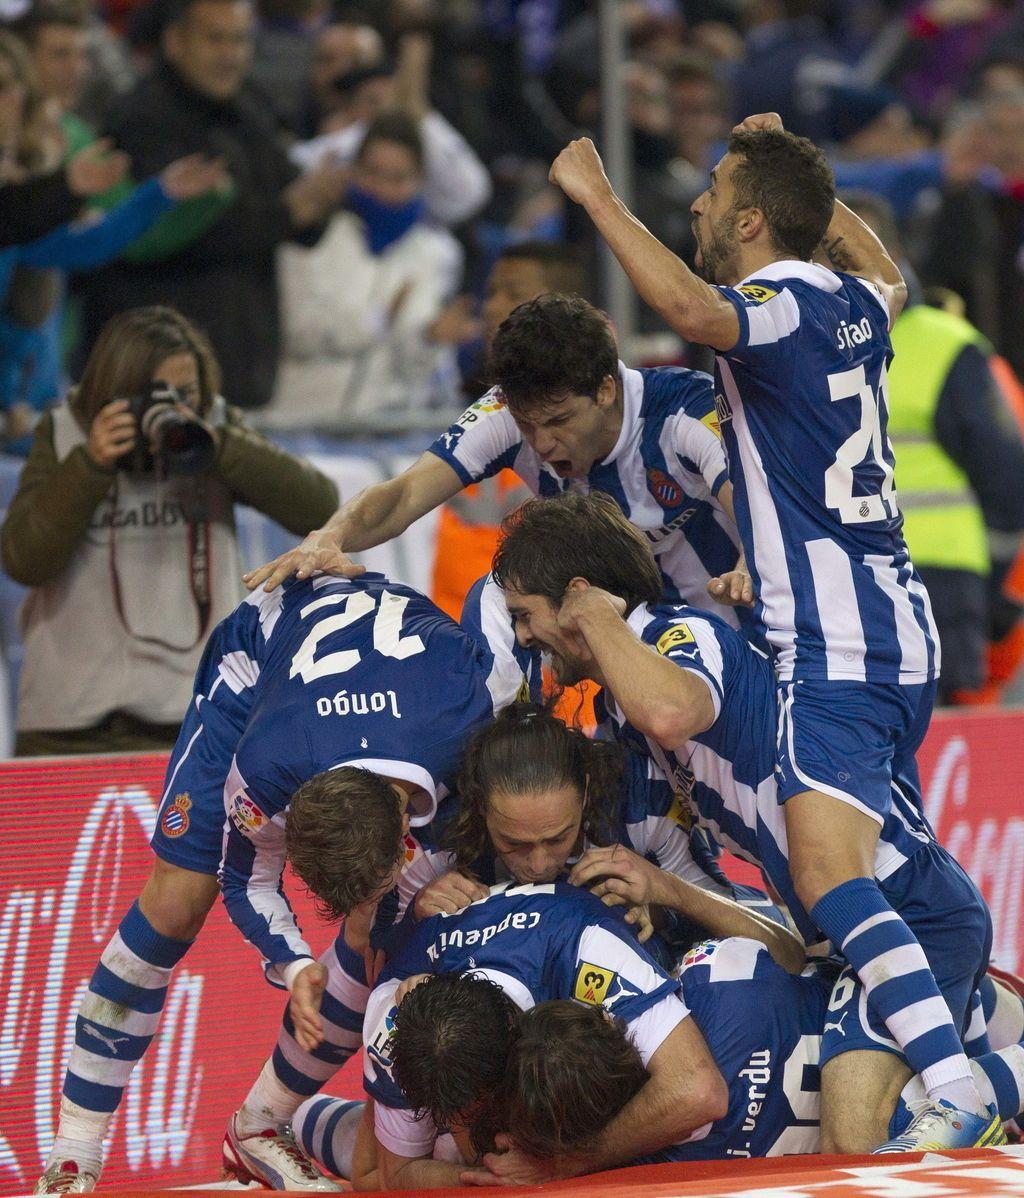 Los jugadores del Espanyol celebran el tercer gol del equipo españolista, durante el encuentro correspondiente a la jornada 20 de primera división, que han disputado esta noche frente al Real Mallorca